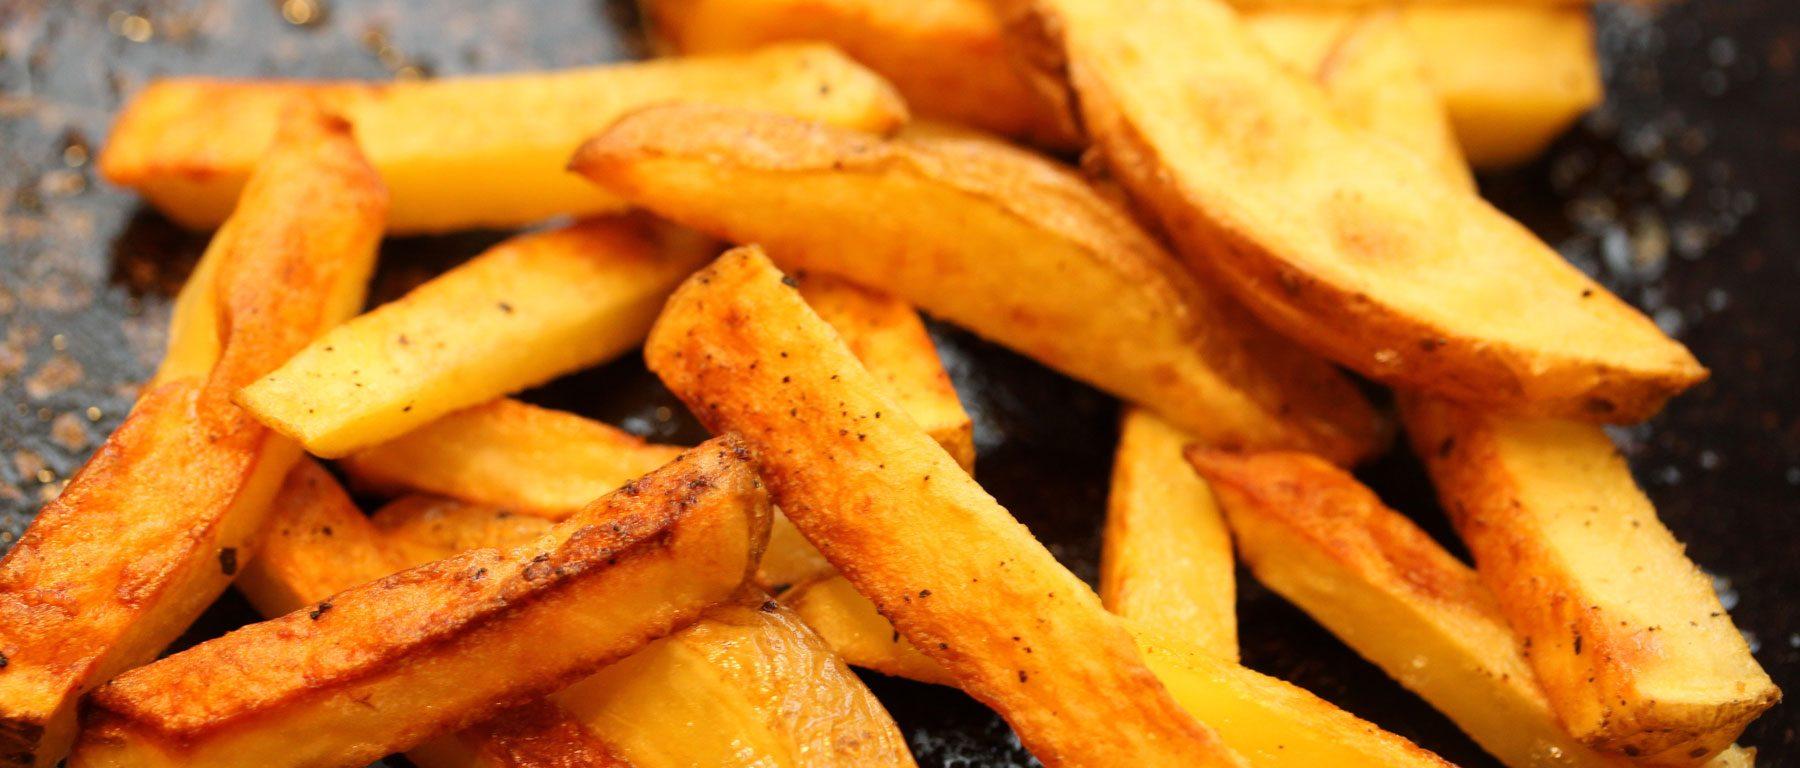 Donkere frietjes kan je het best mijden.